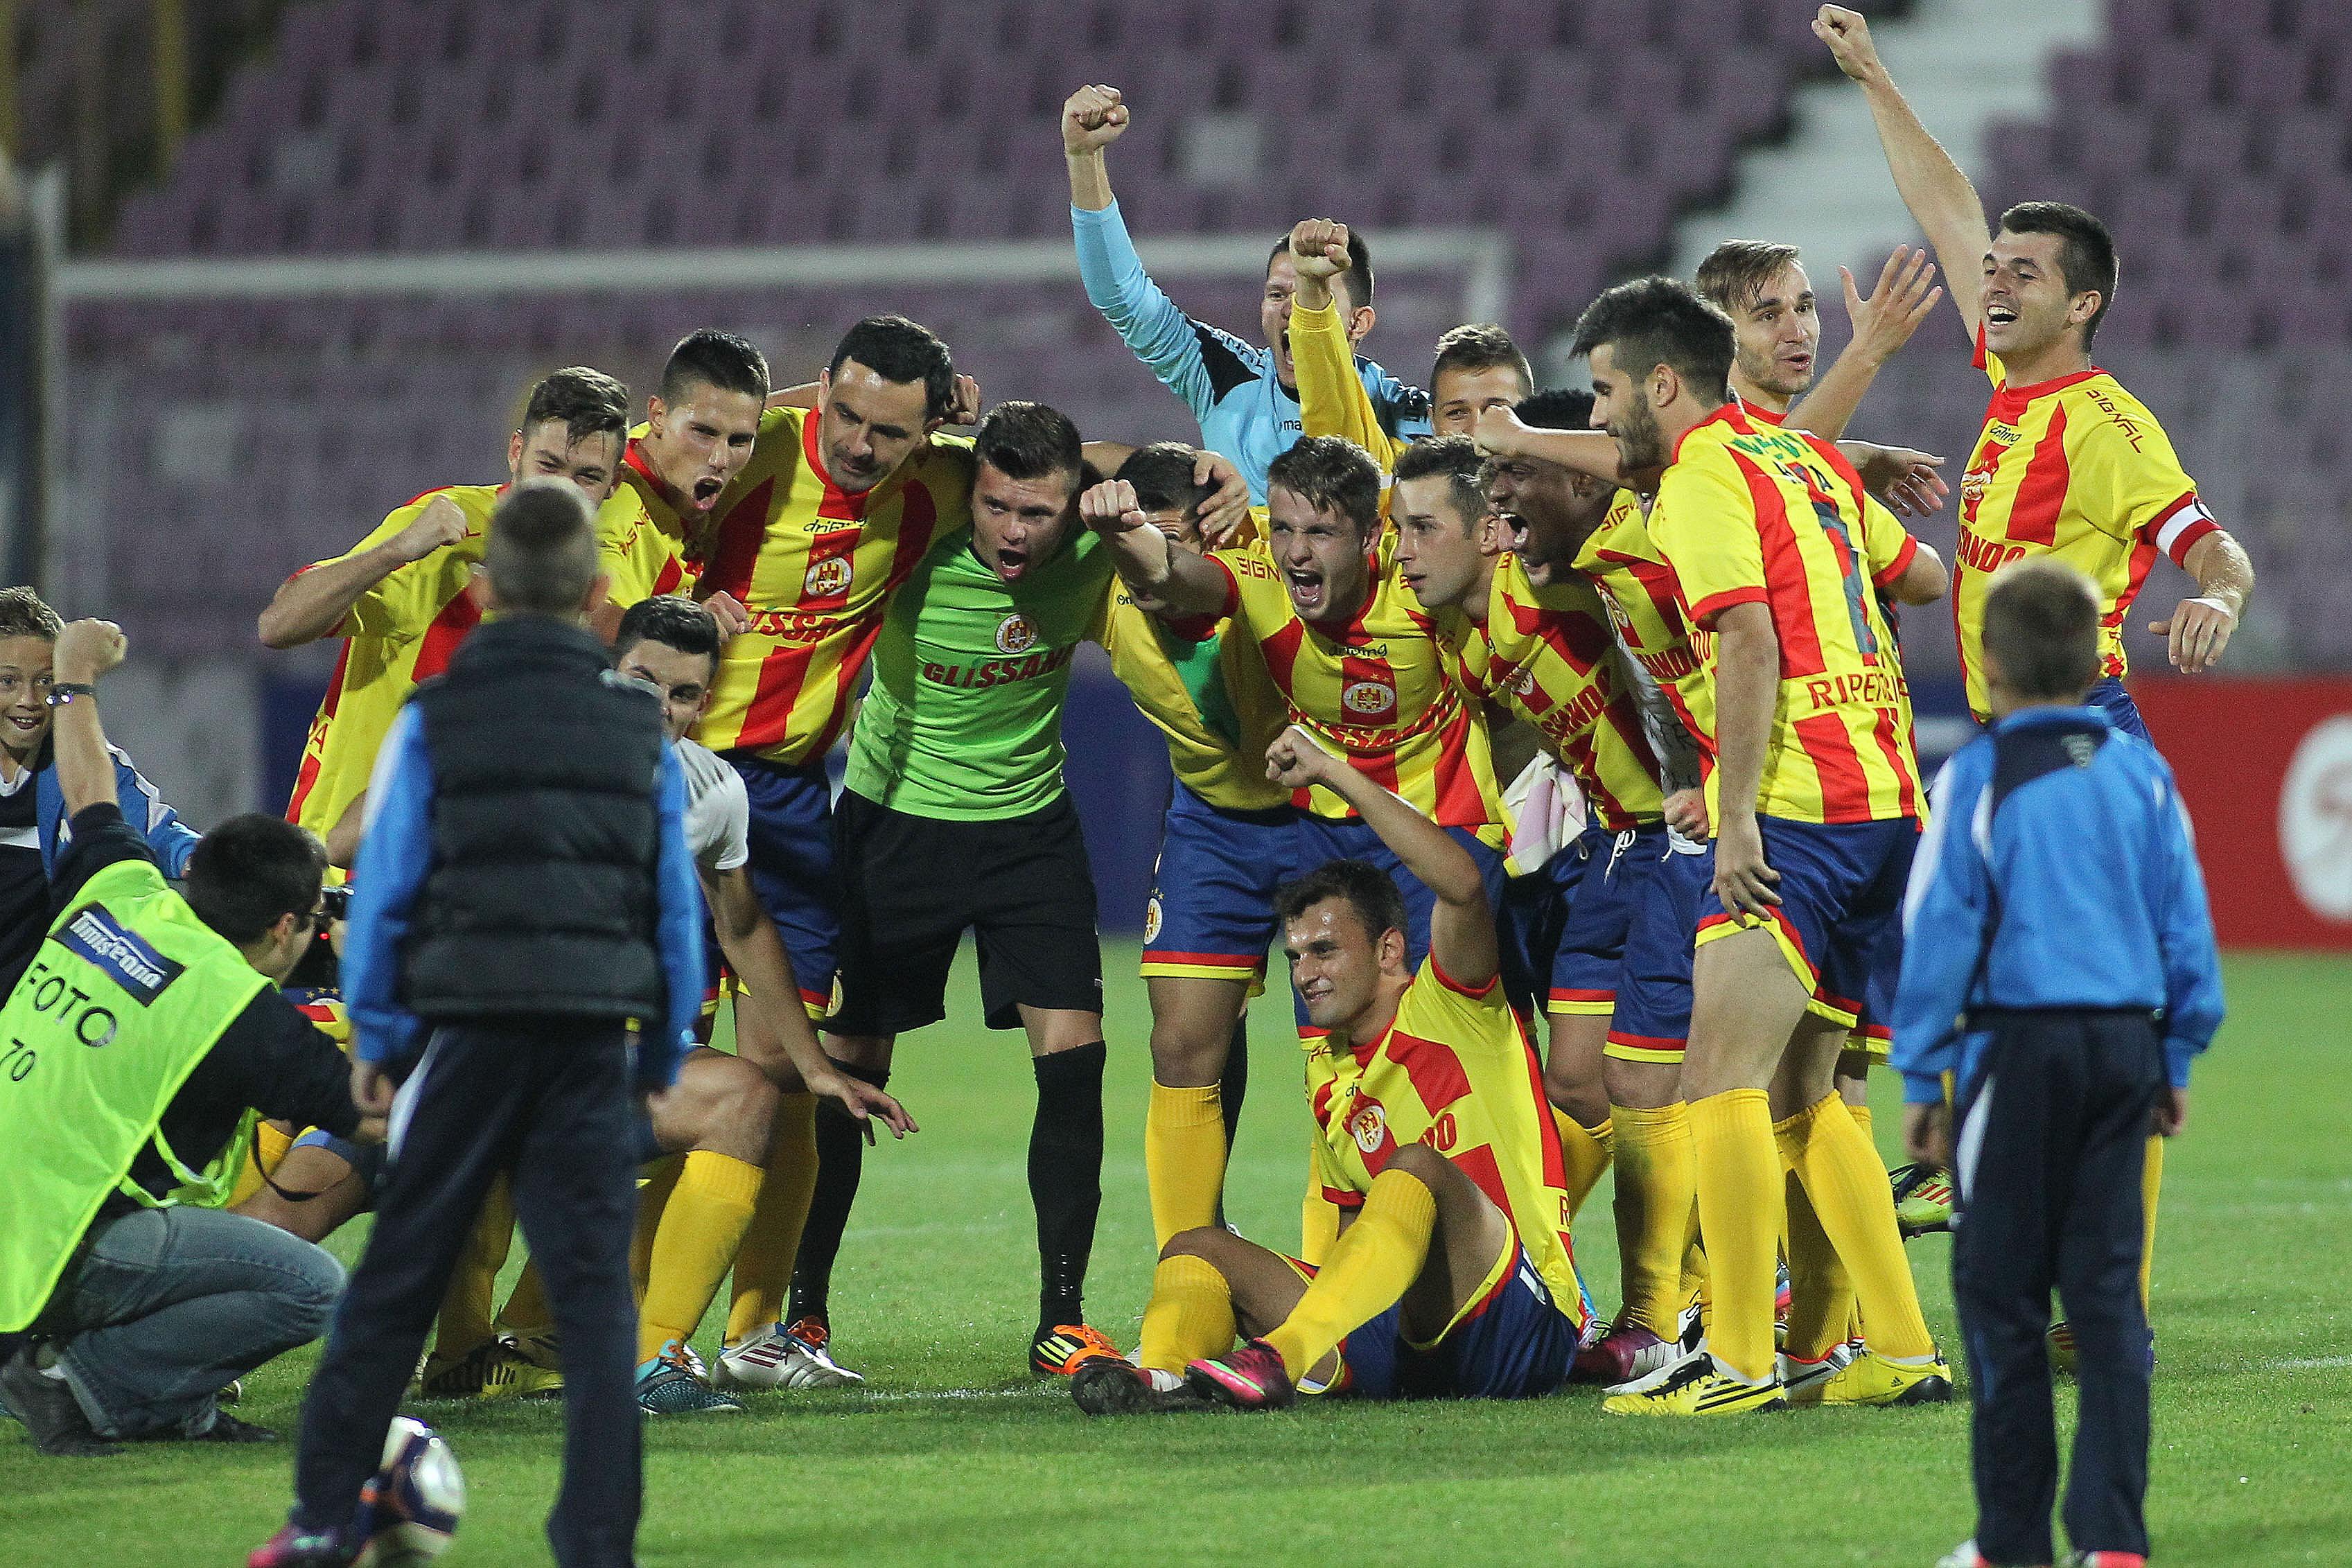 Ripensia – surpriza de proportii in Cupa Romaniei! Echipa din liga a cincea a eliminat-o pe U Cluj!